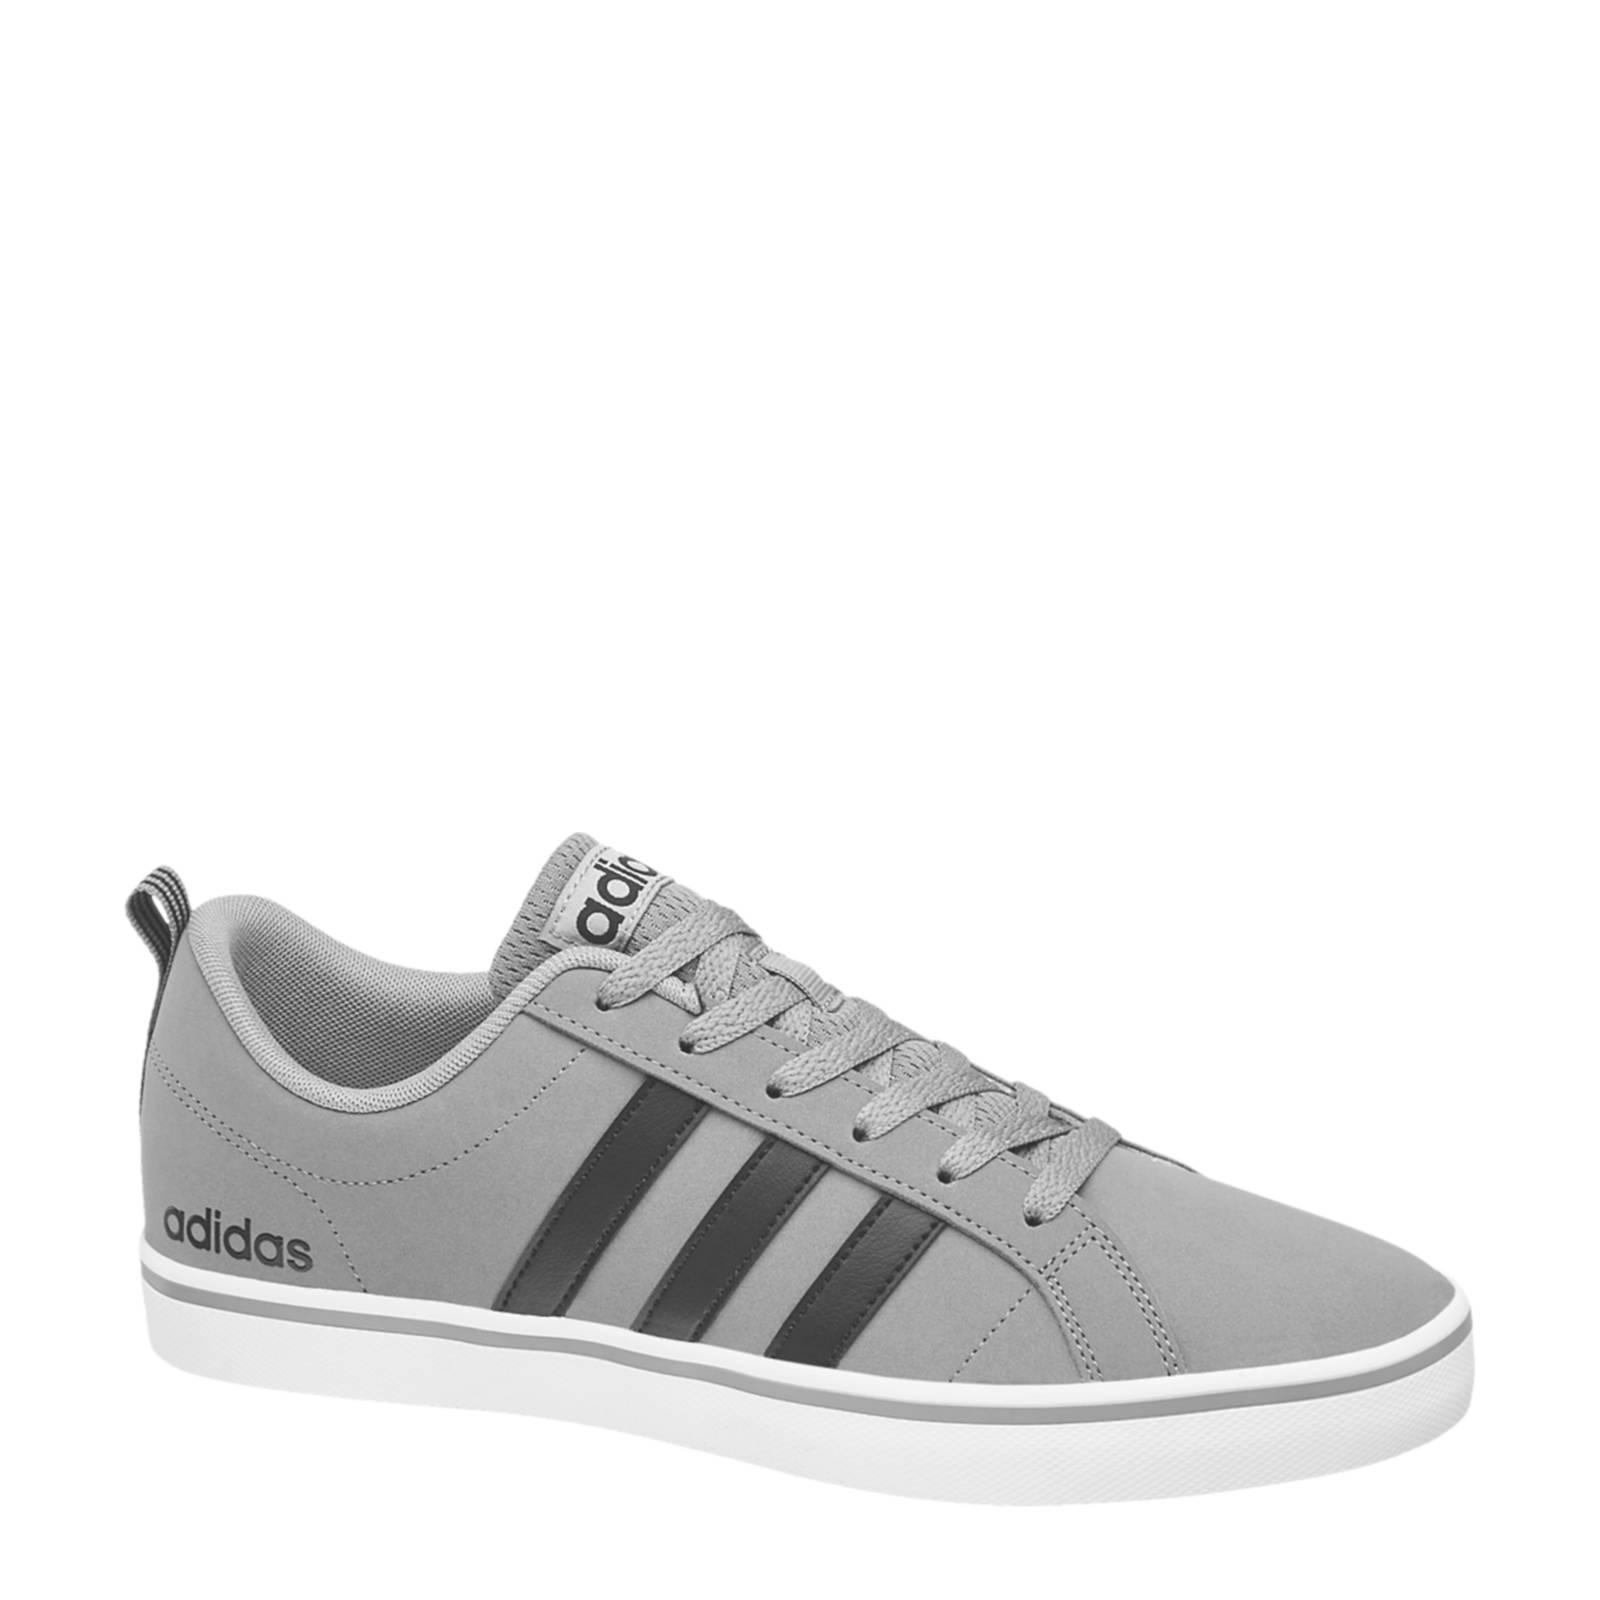 vanHaren adidas VS Pace sneakers grijs | wehkamp